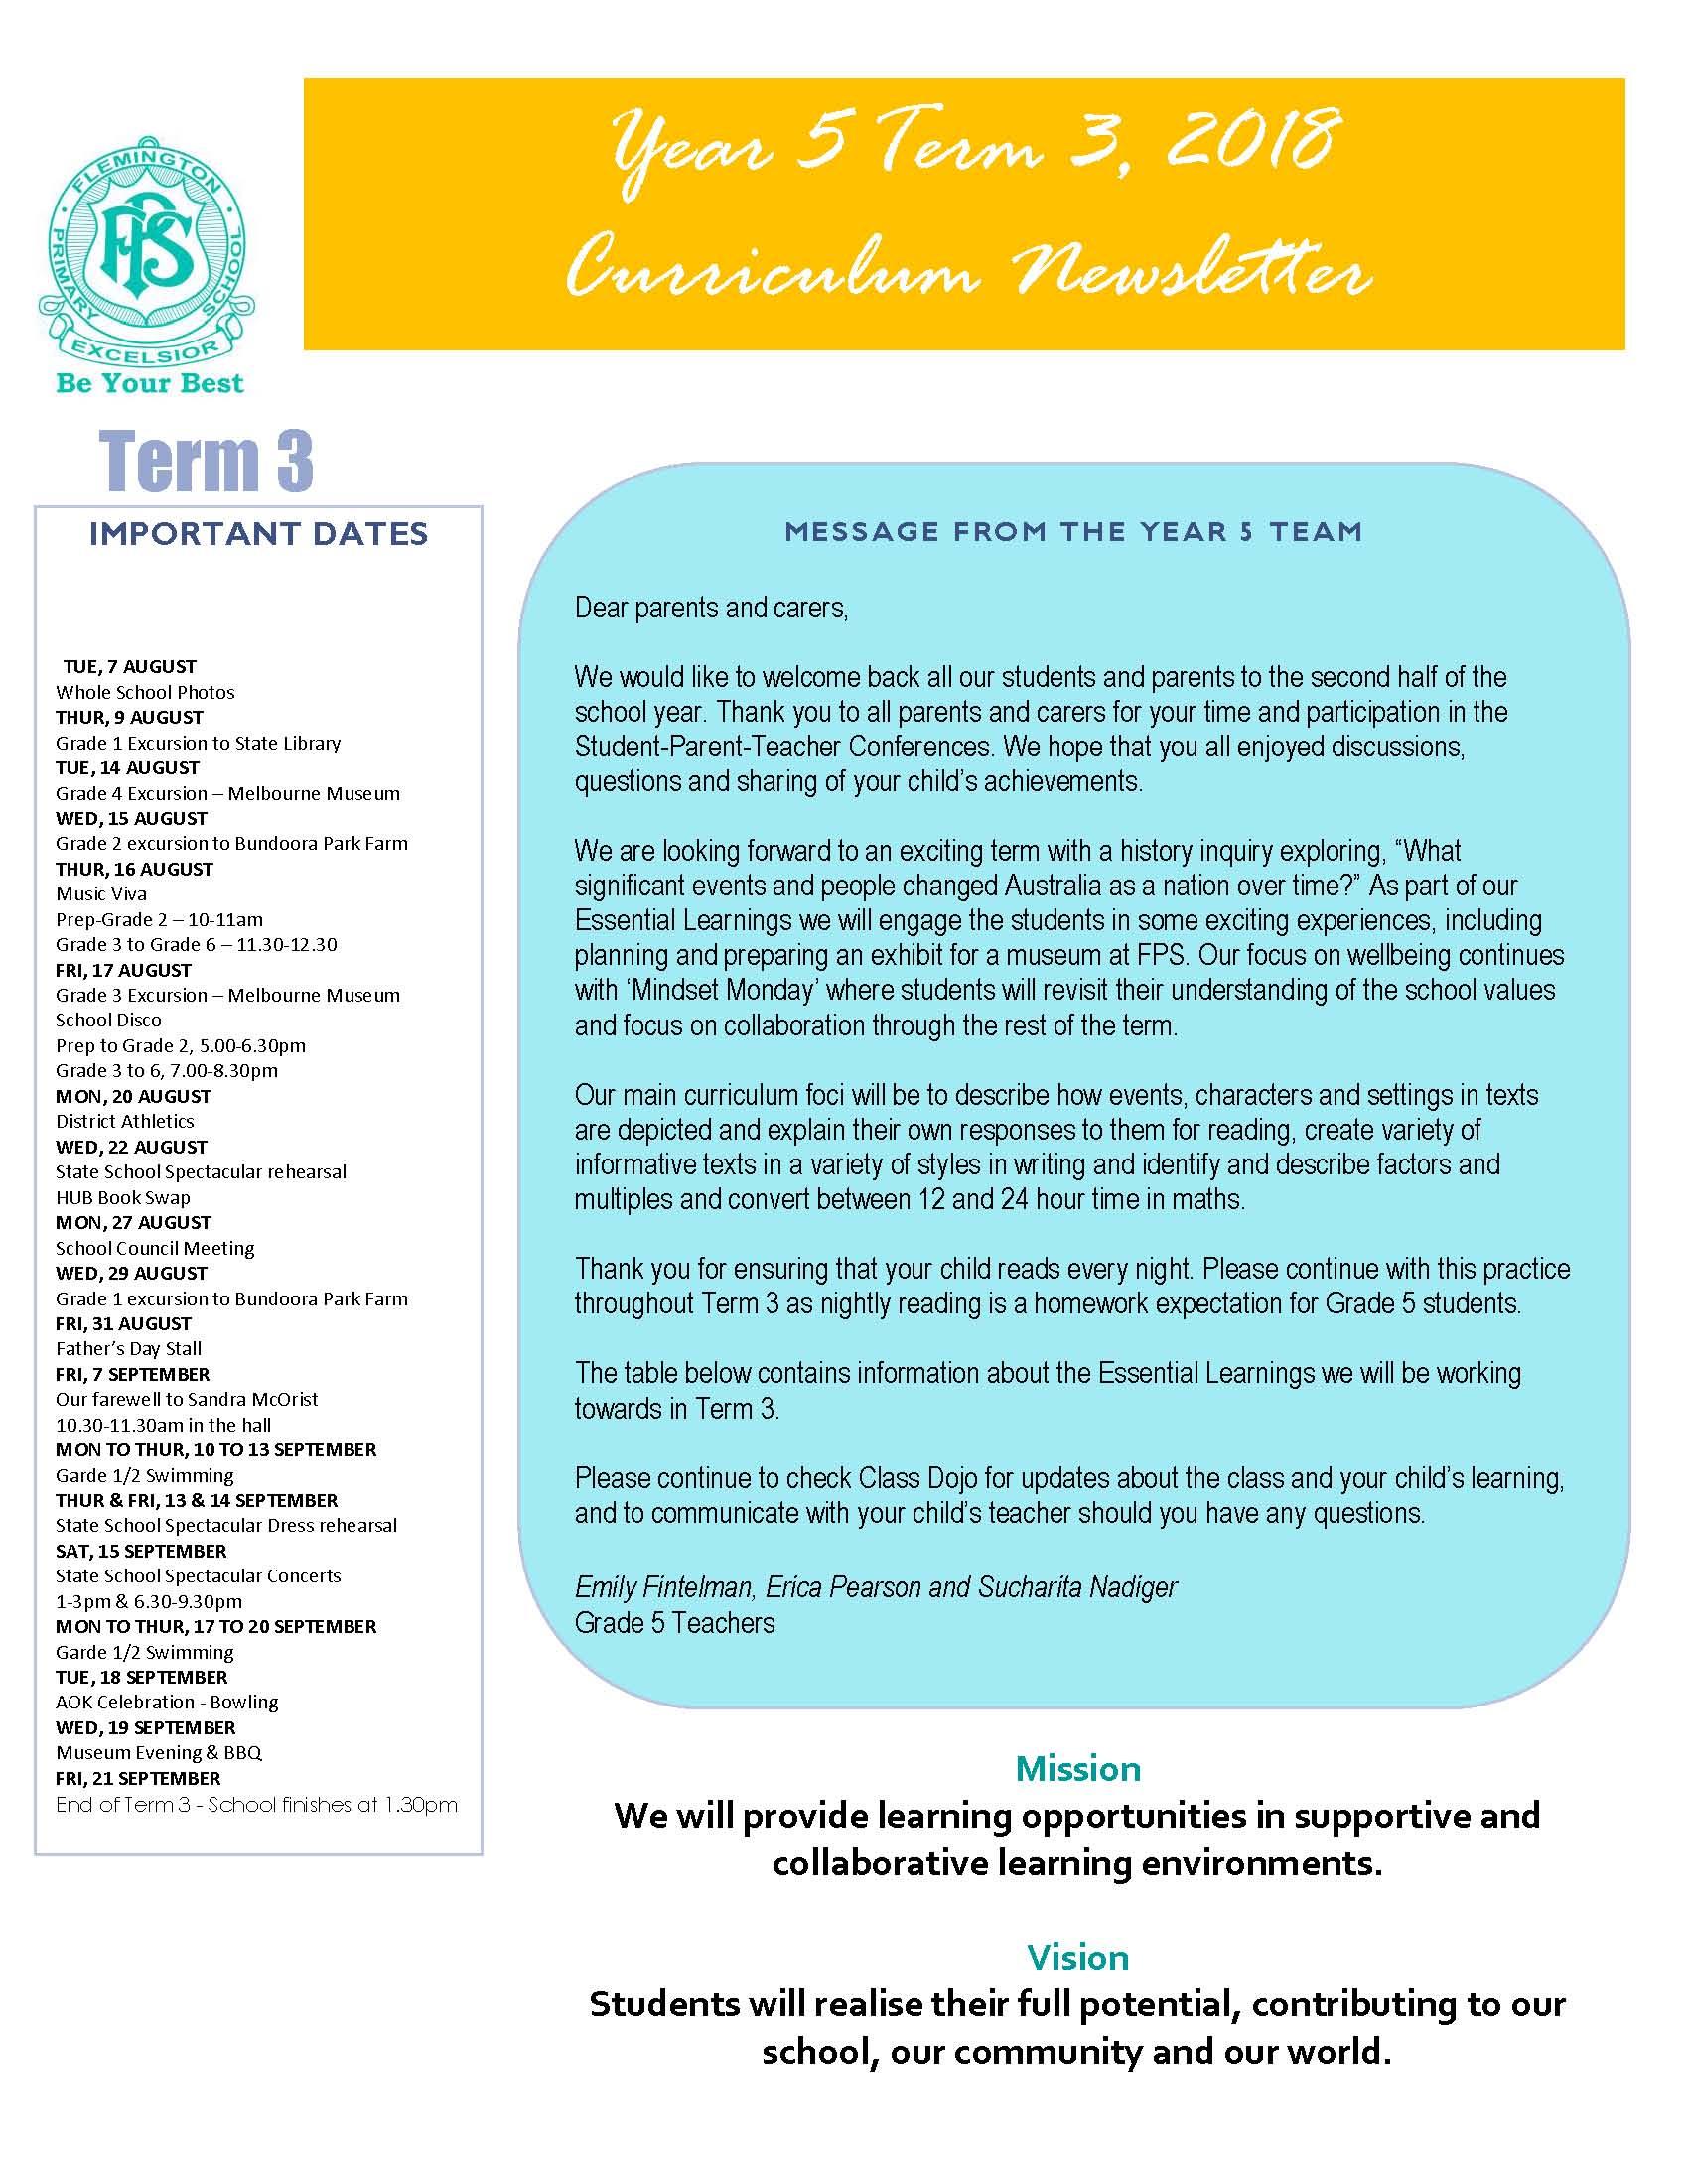 Year 5 Newsletter 1